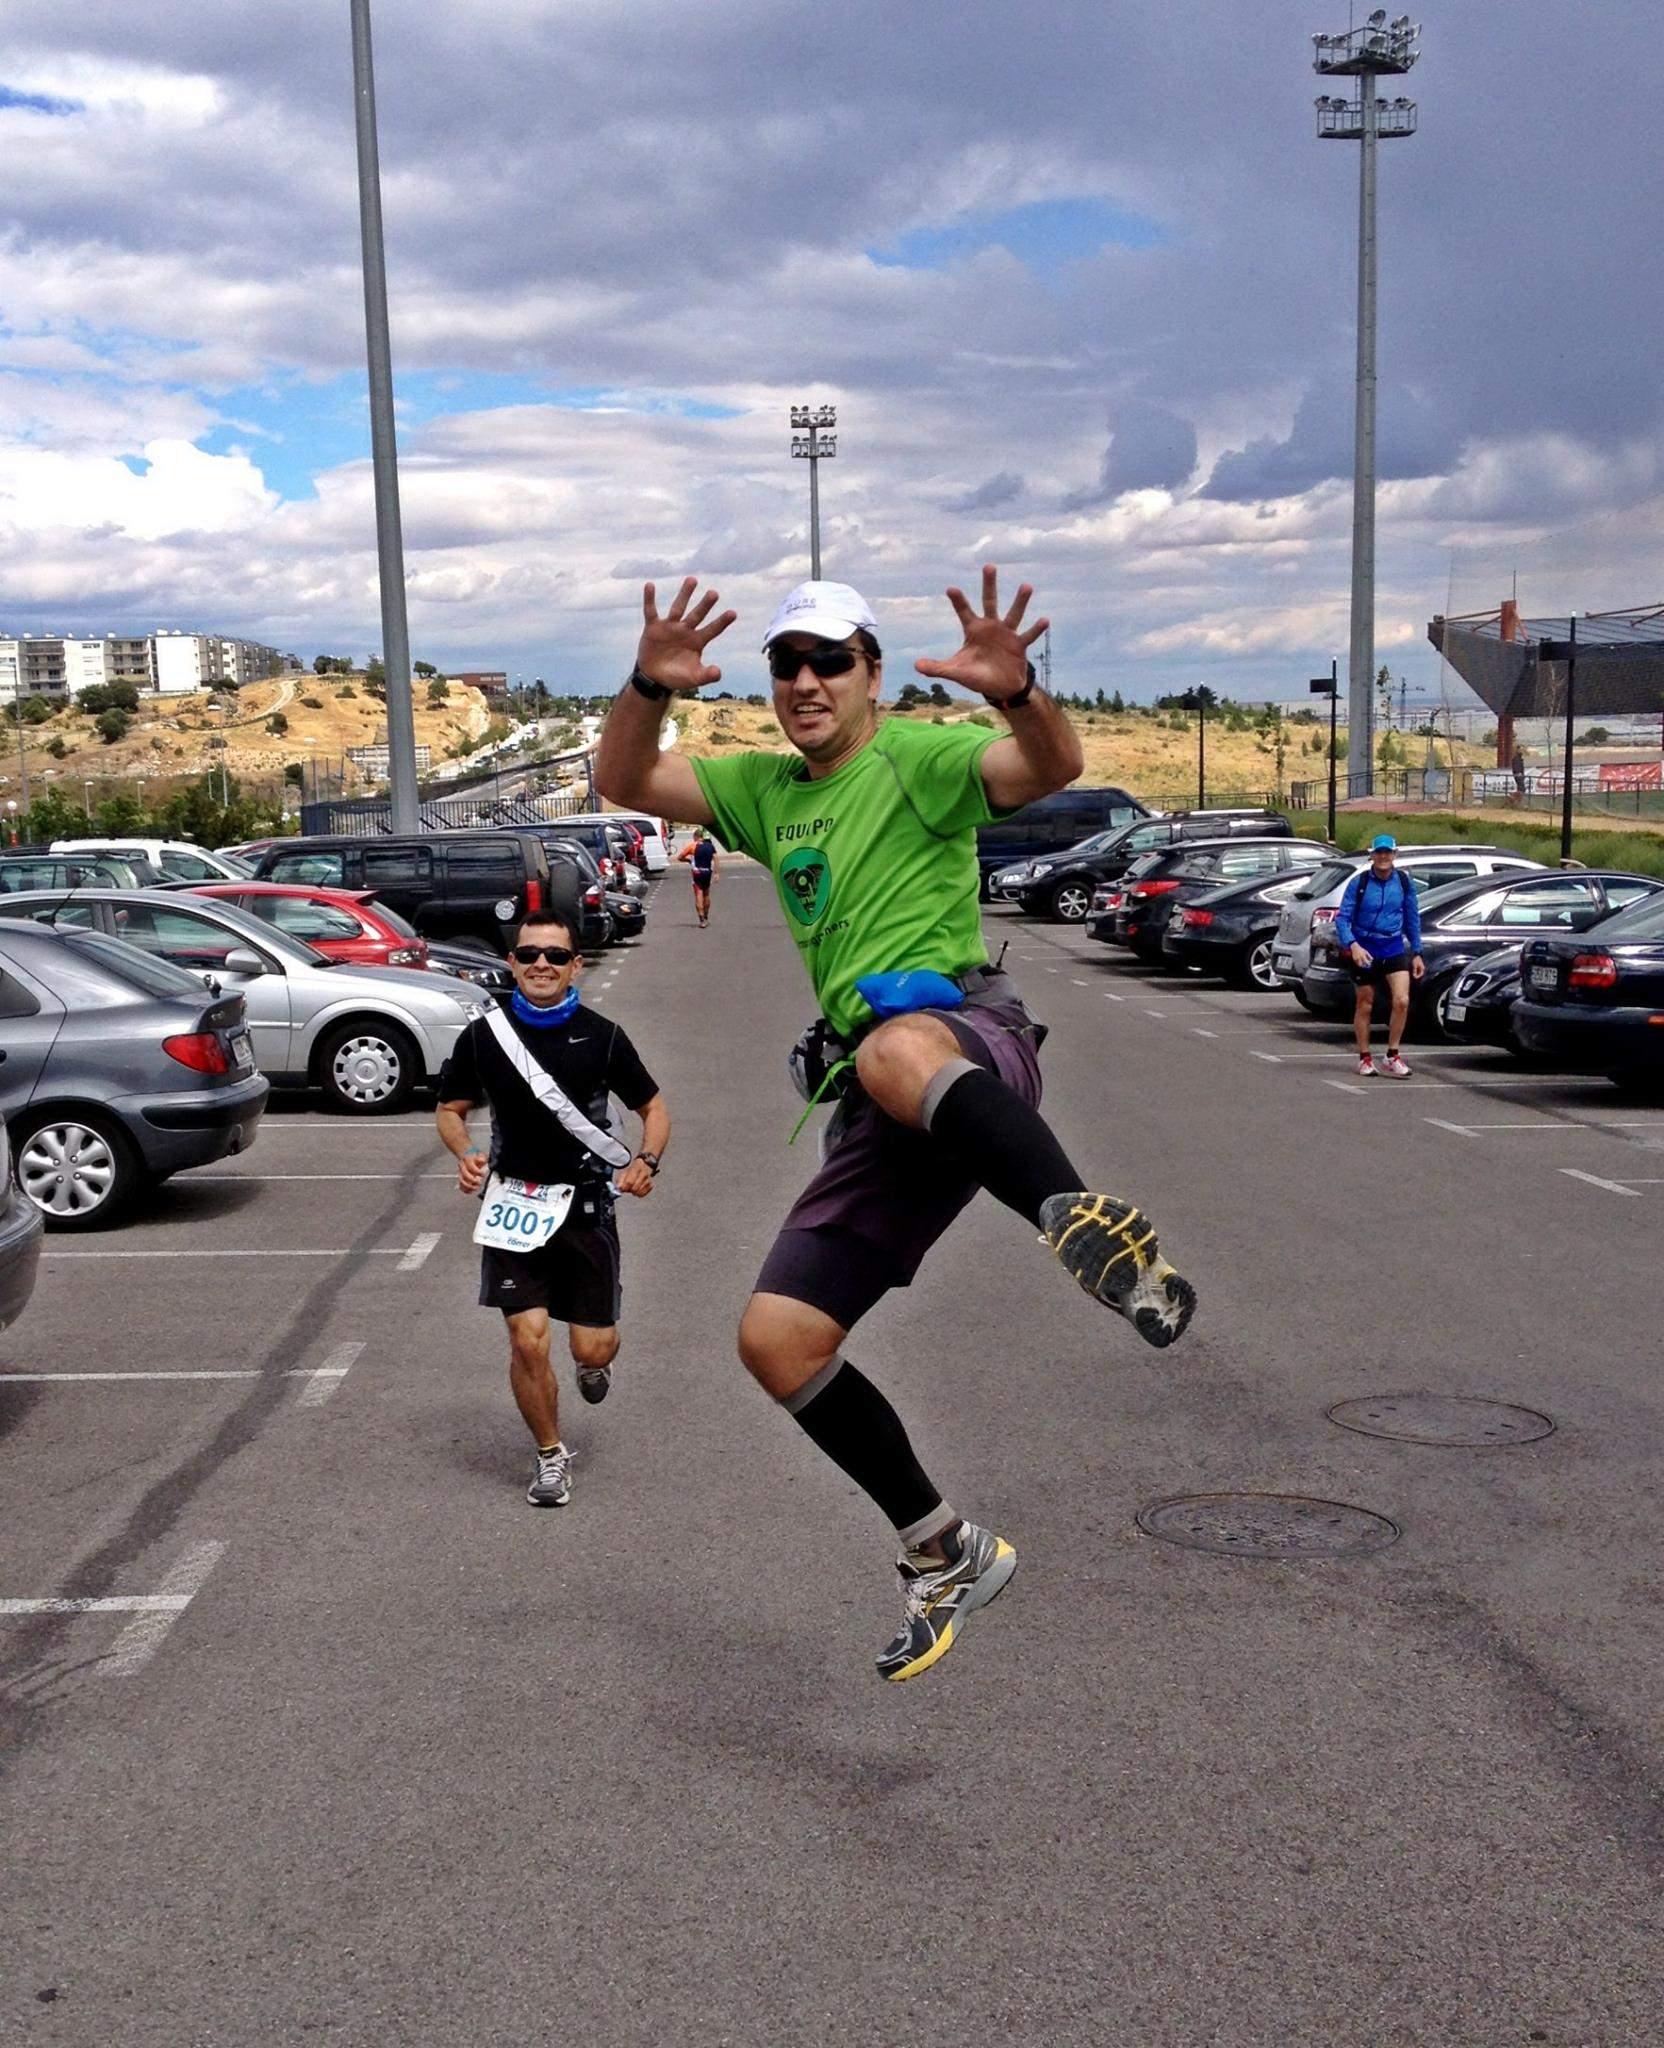 Completar el reto provocan momentos de euforia como estos (Foto: Alberto Barrantes).